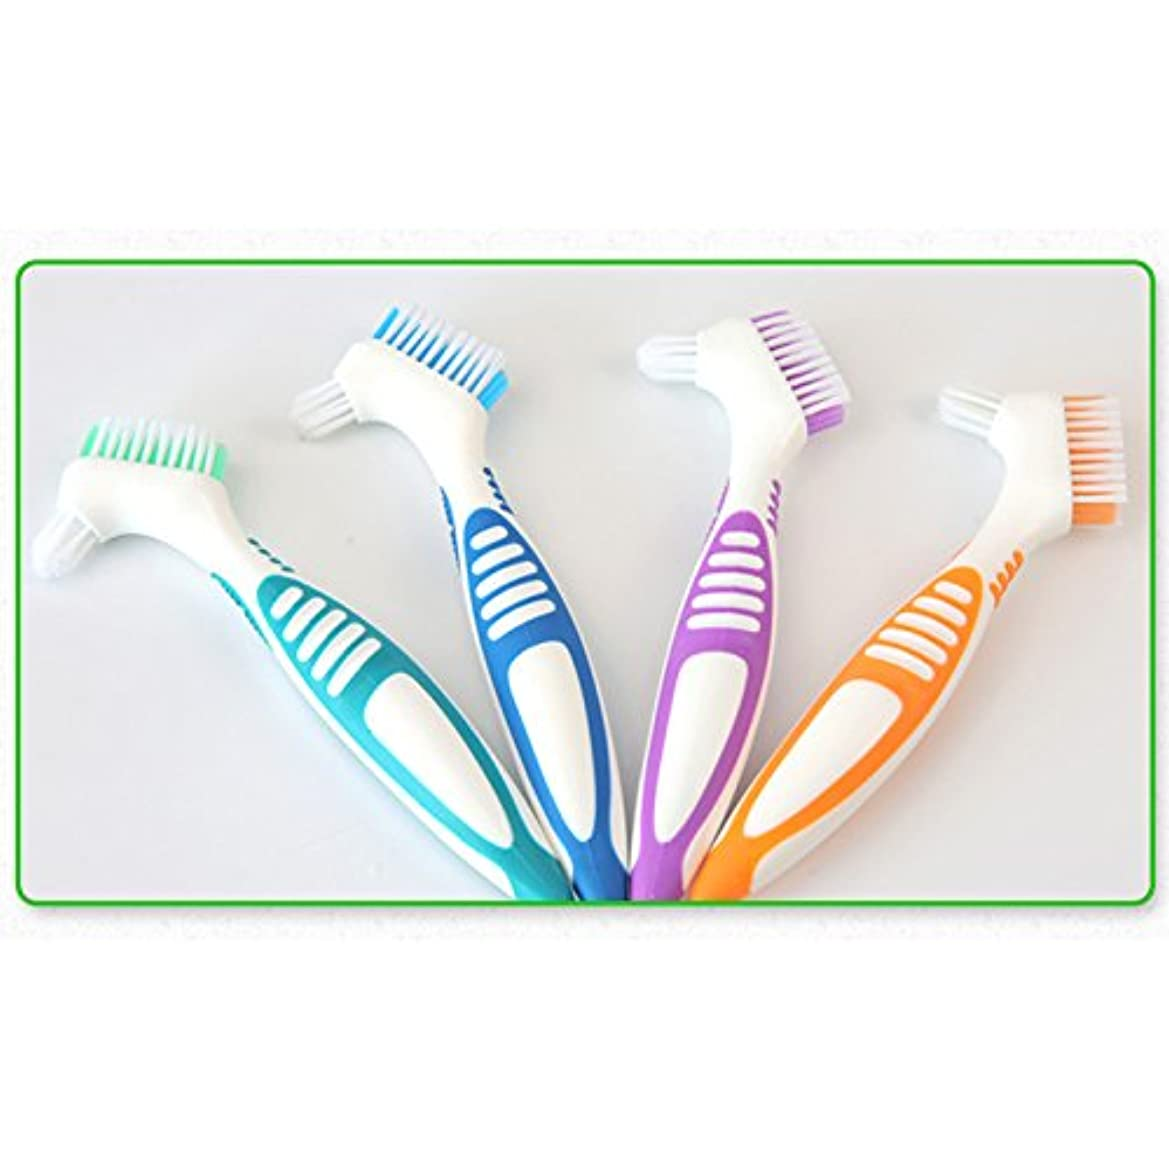 Liebeye 偽歯ブラシ 口腔ケアツール 歯洗浄 ブラシポータブル 多層ブリストル ブルー